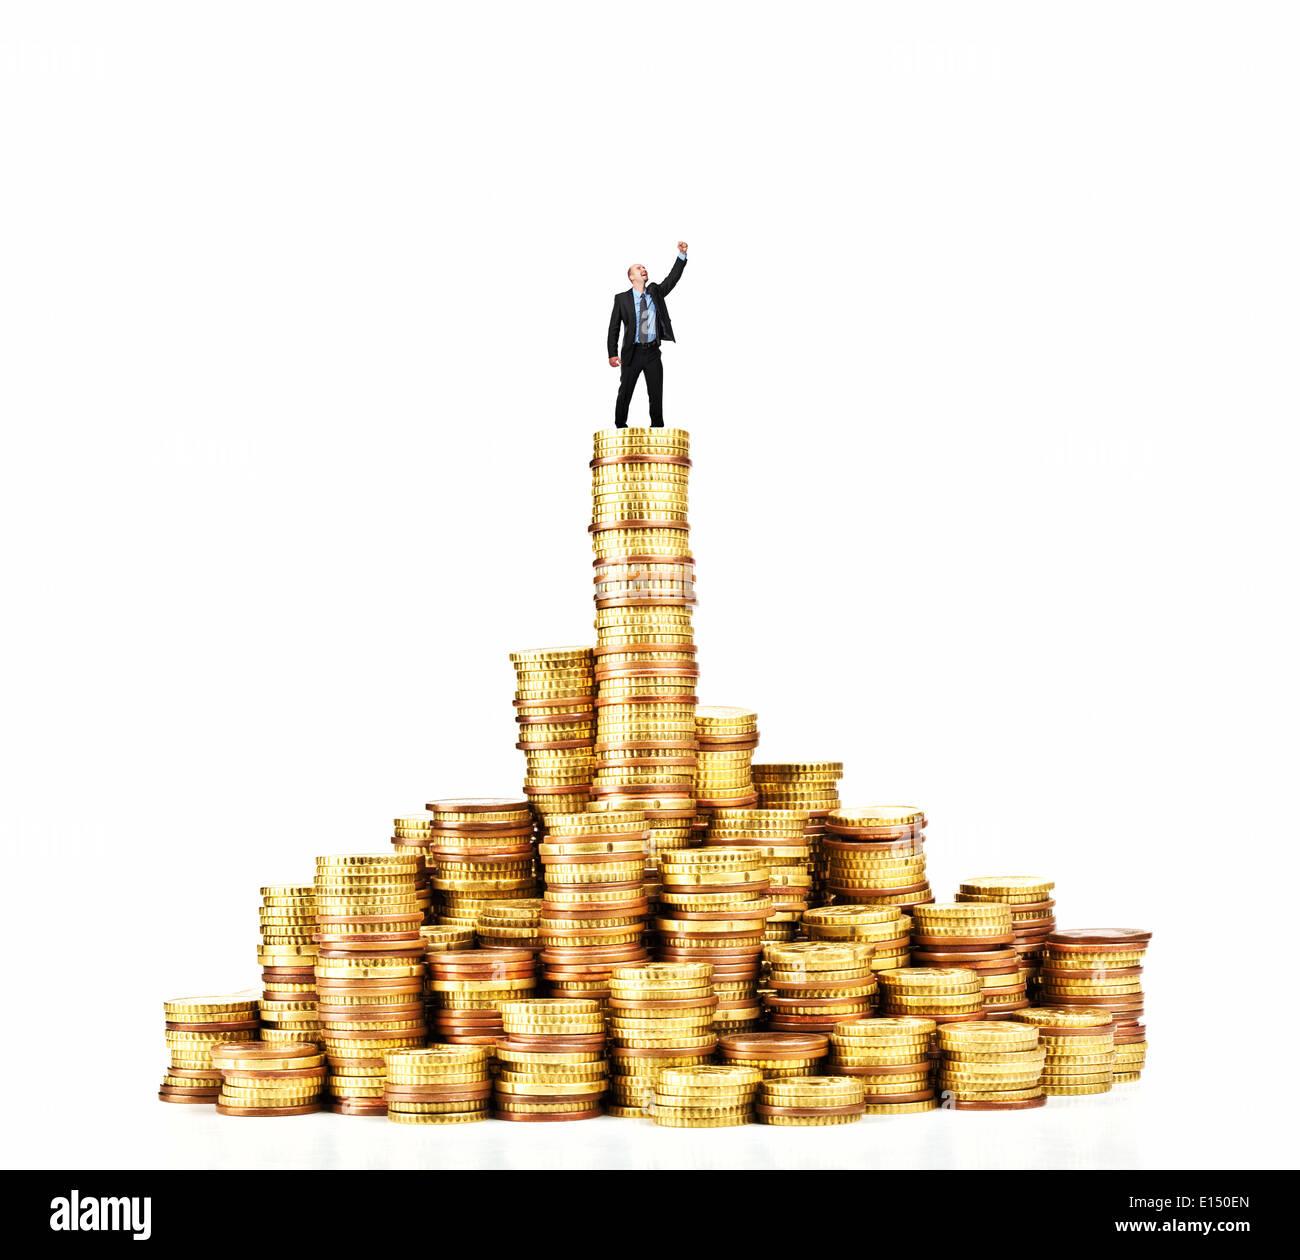 Mann Auf Haufen Von Euro Münze Stockfoto Bild 69566301 Alamy